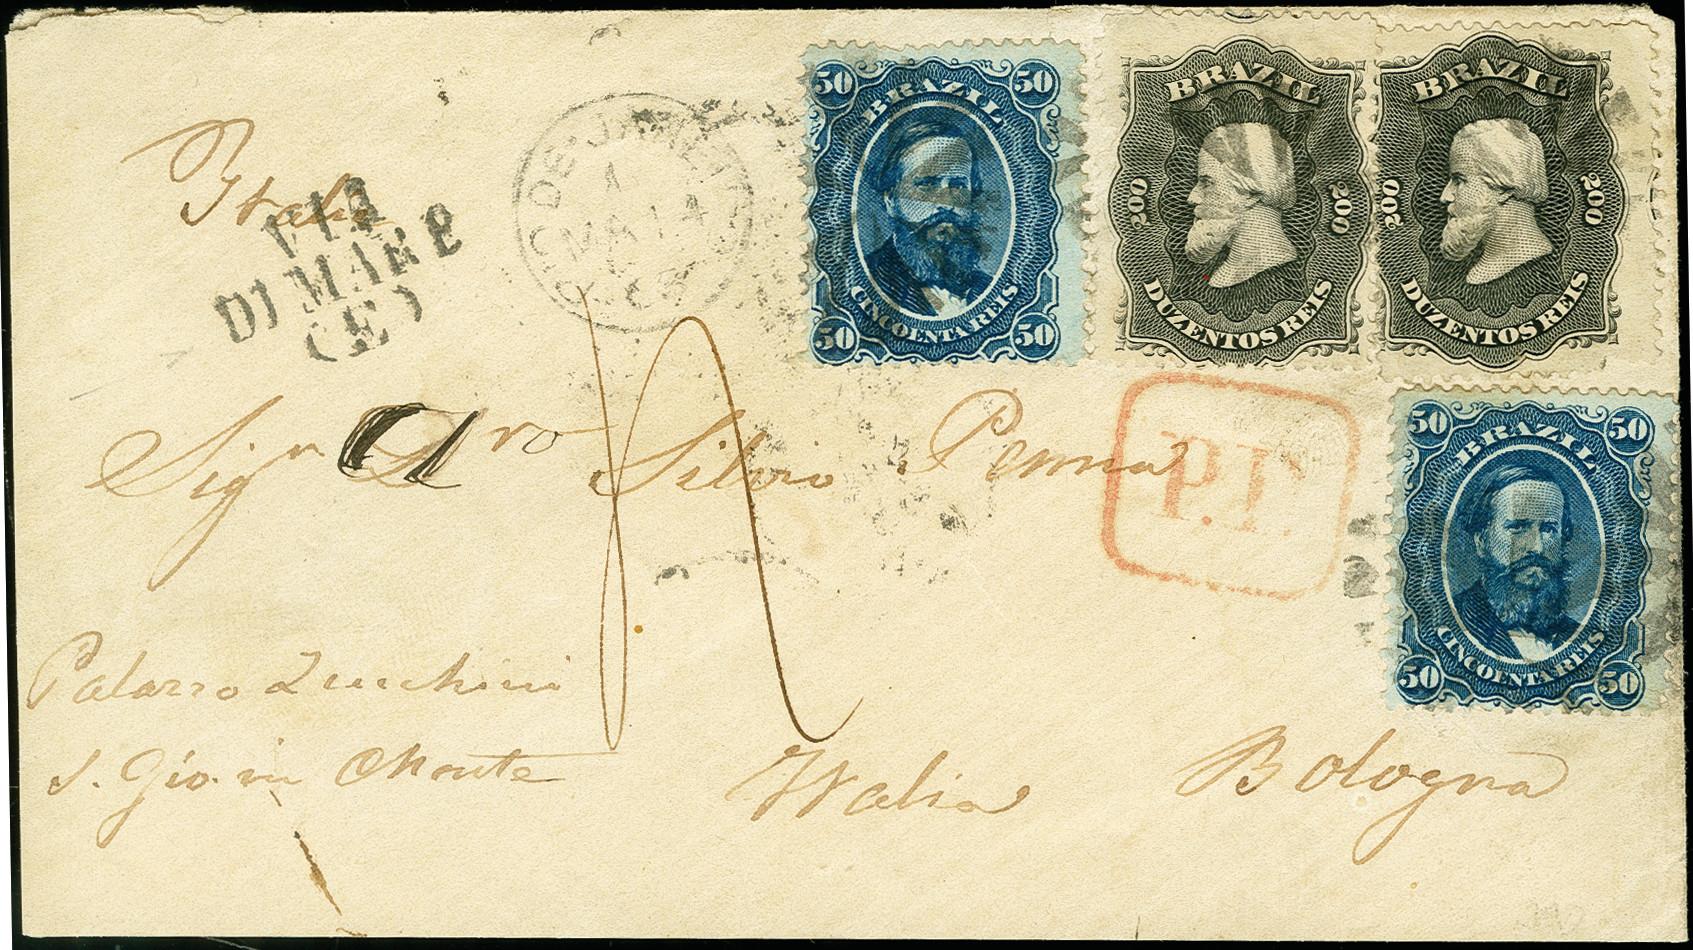 Lot 1563 - übersee brazil -  Heinrich Koehler Auktionen 375rd Heinrich Köhler auction - Day 1